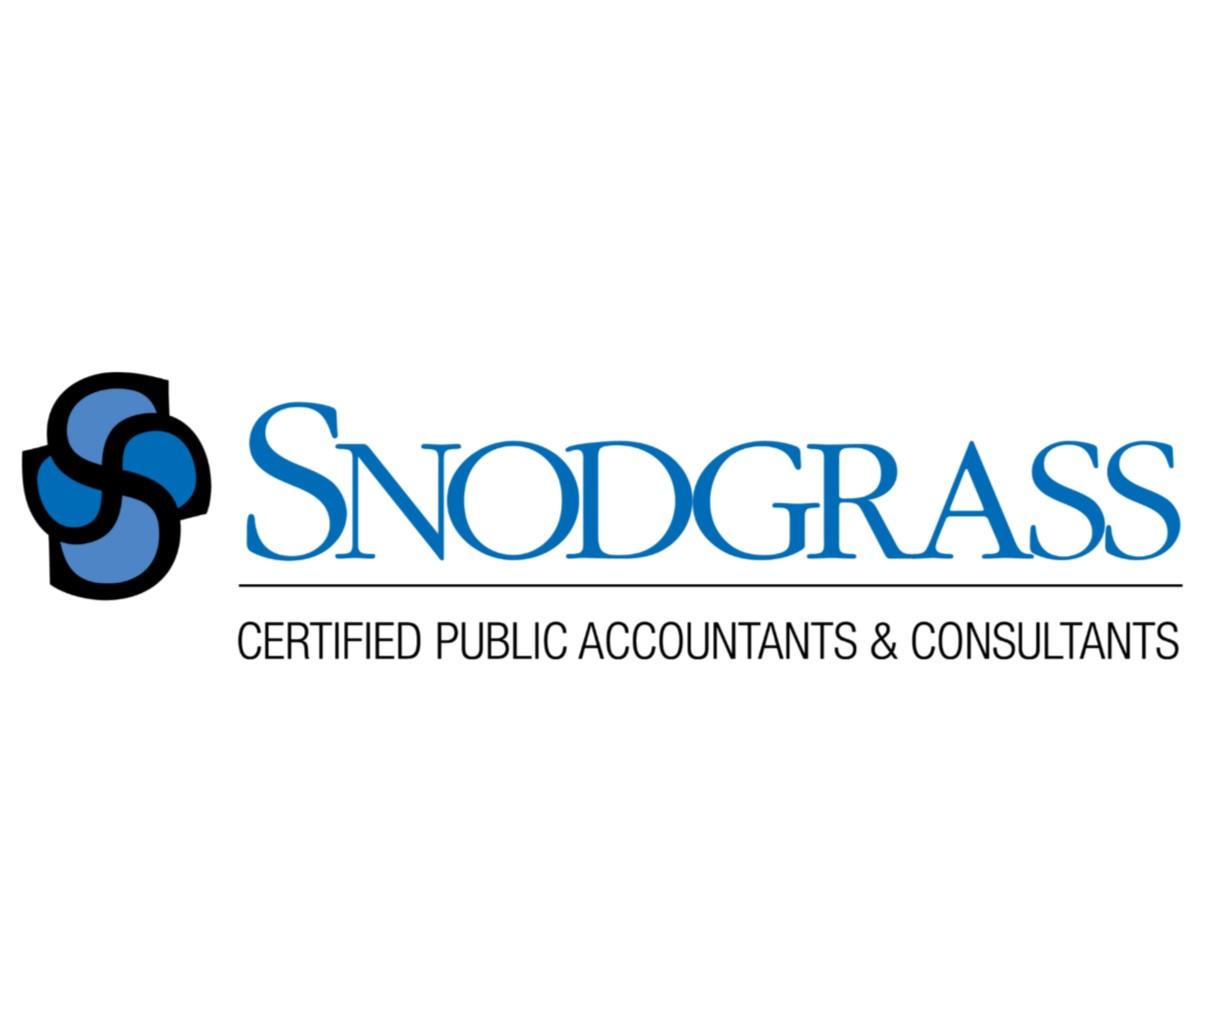 SRSnodgrass-Logo-ConventionSponsor-Reel